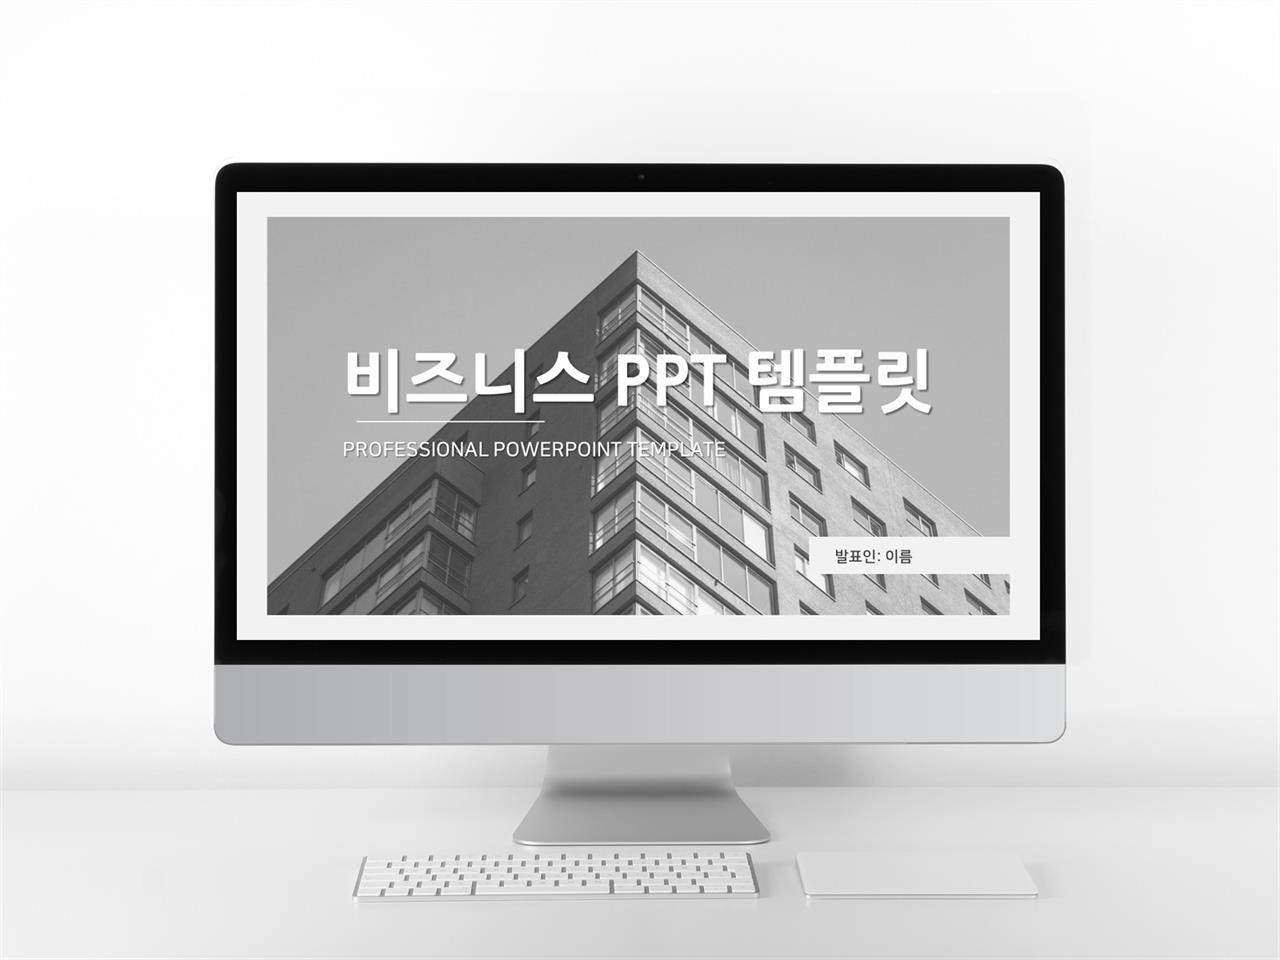 사업융자 그레이 화려한 고퀄리티 PPT배경 제작 미리보기